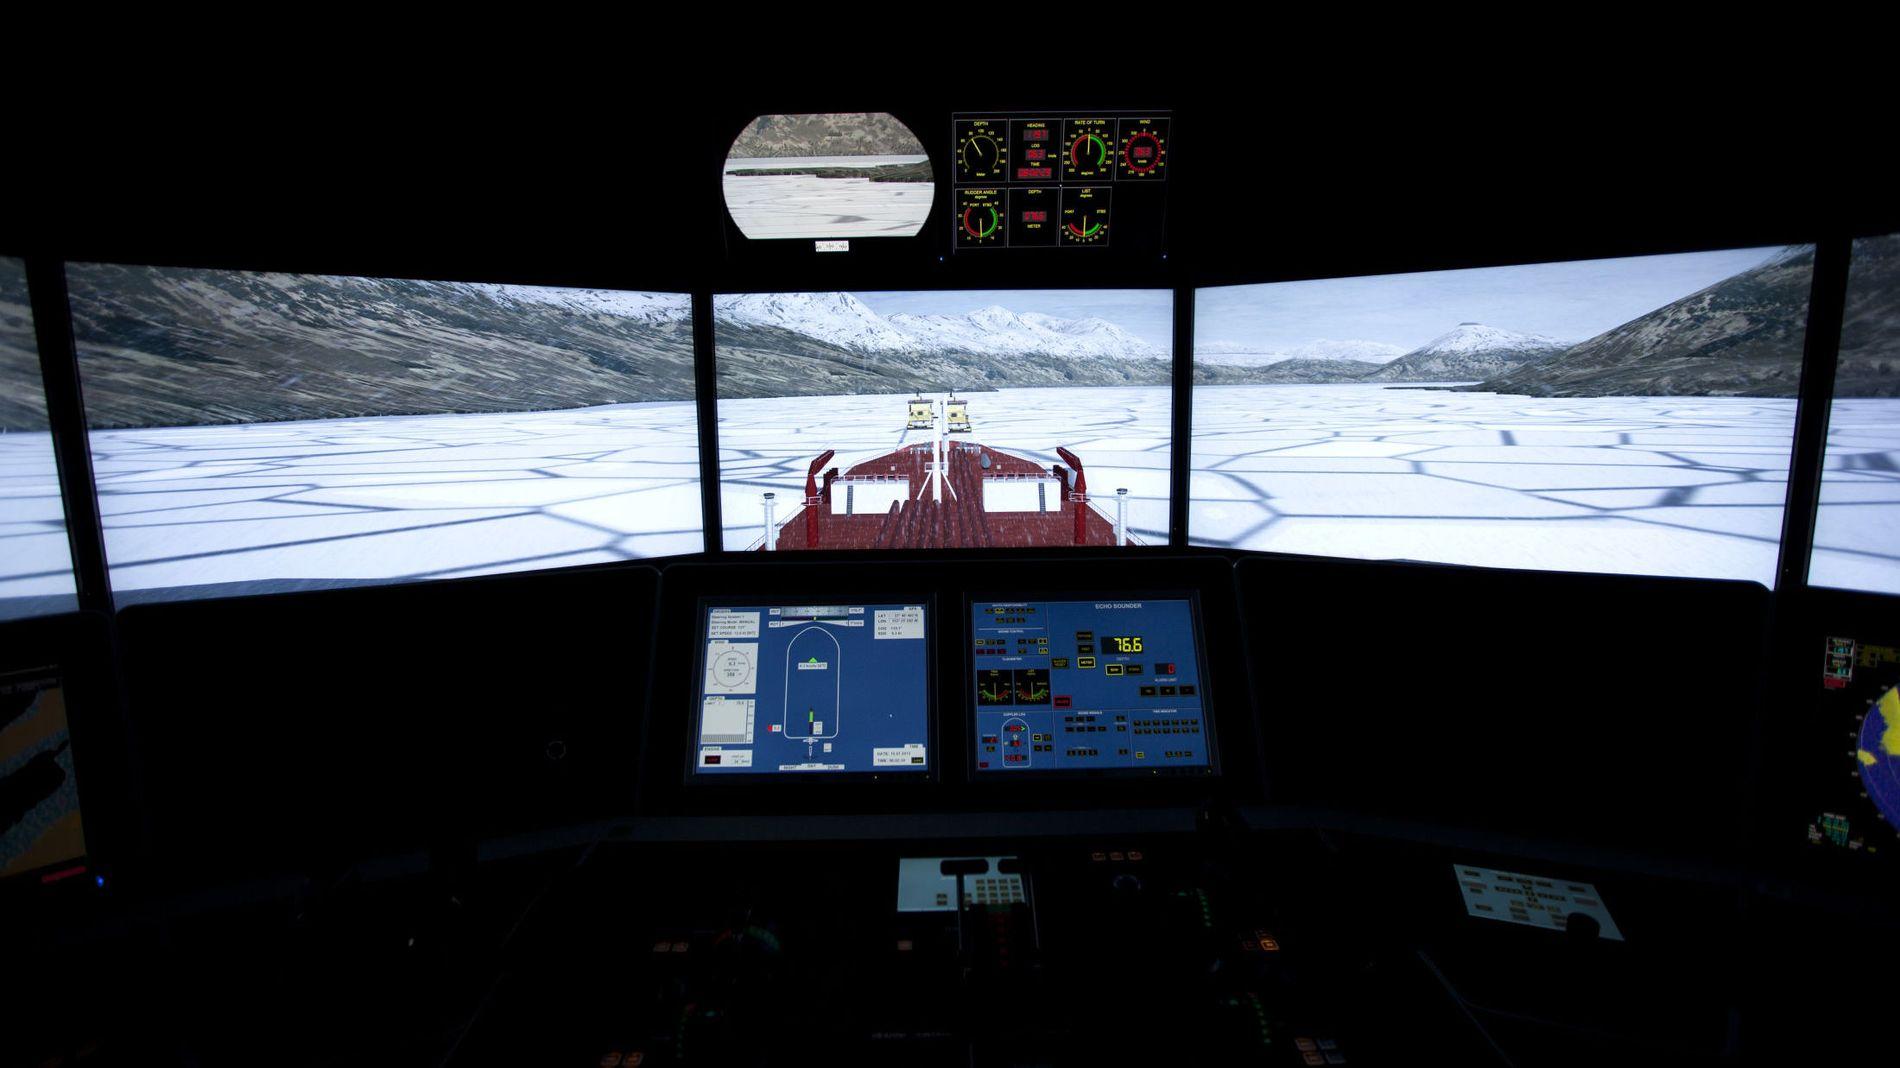 MØRKE TIDER: Kongsberg Gruppens viktigste divisjon, Kongsberg Maritime, tynges av motgang i både olje- og shippingmarkedet. Her er én av selskapets avanserte simulatorer avbildet fra Tromsø Maritime Fagskole.